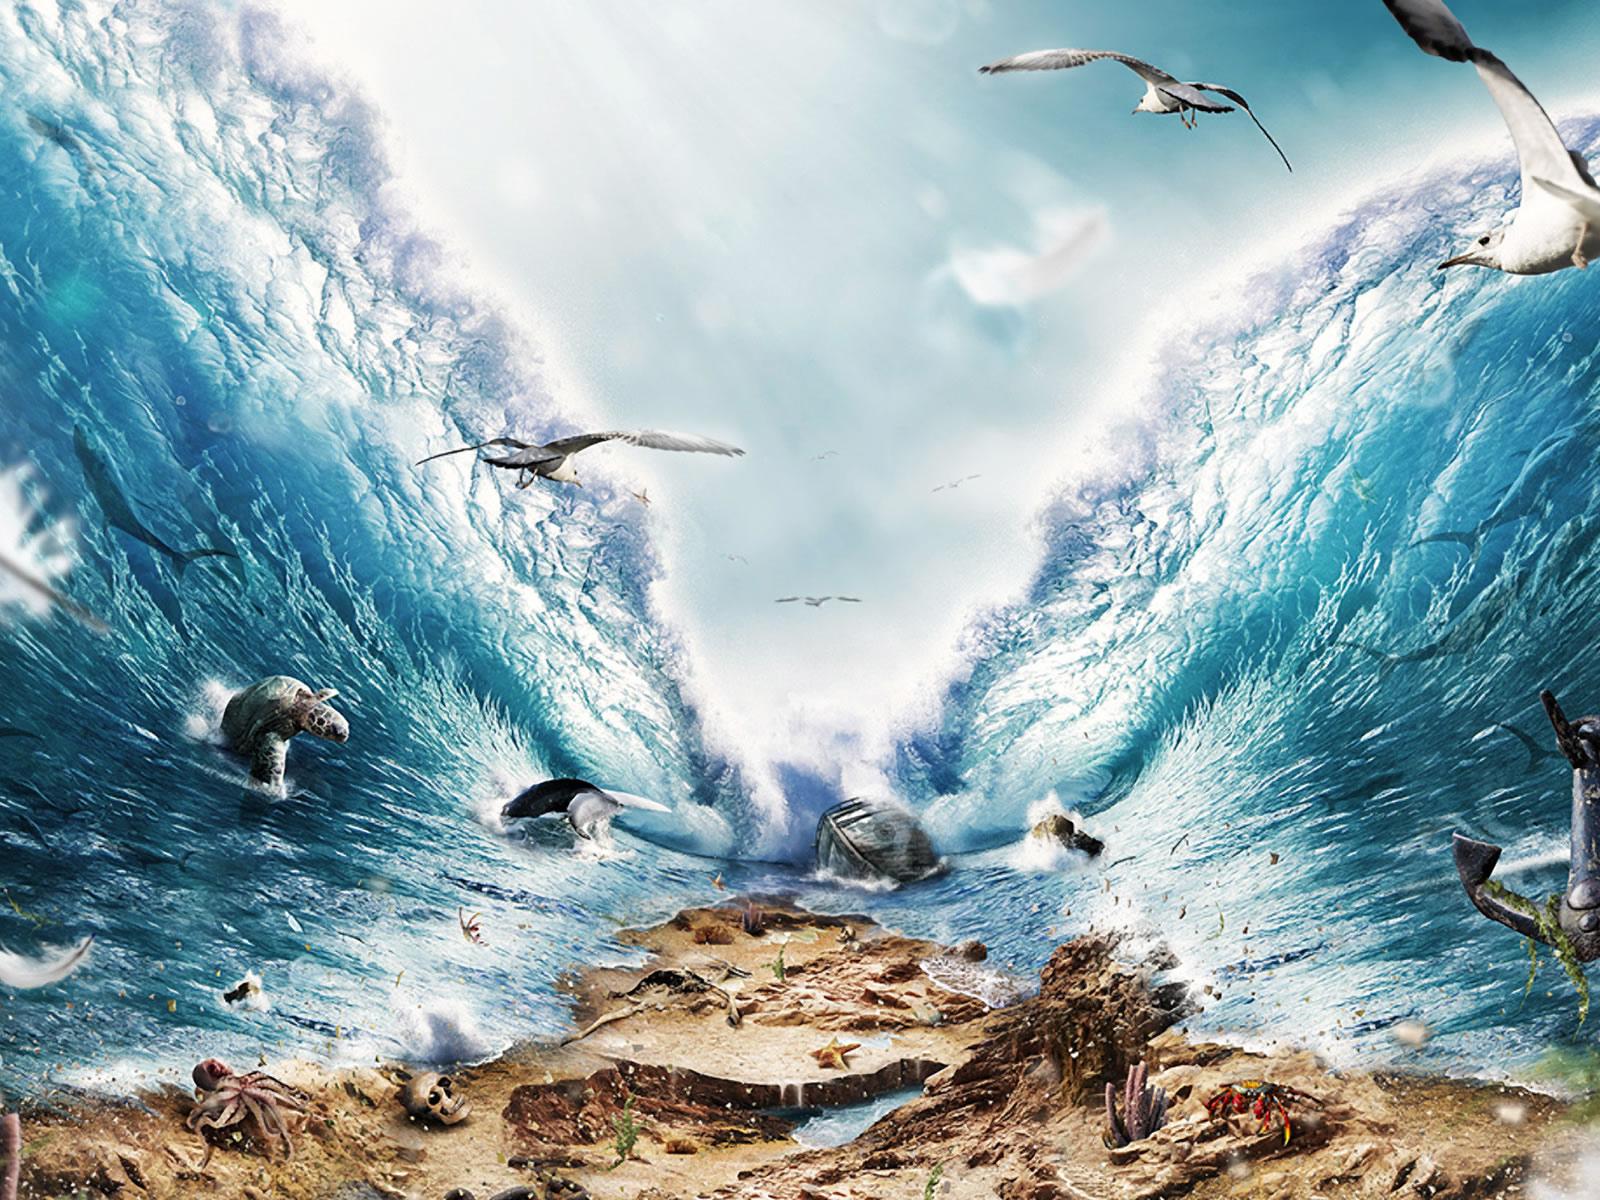 The Best 3d Wallpaper